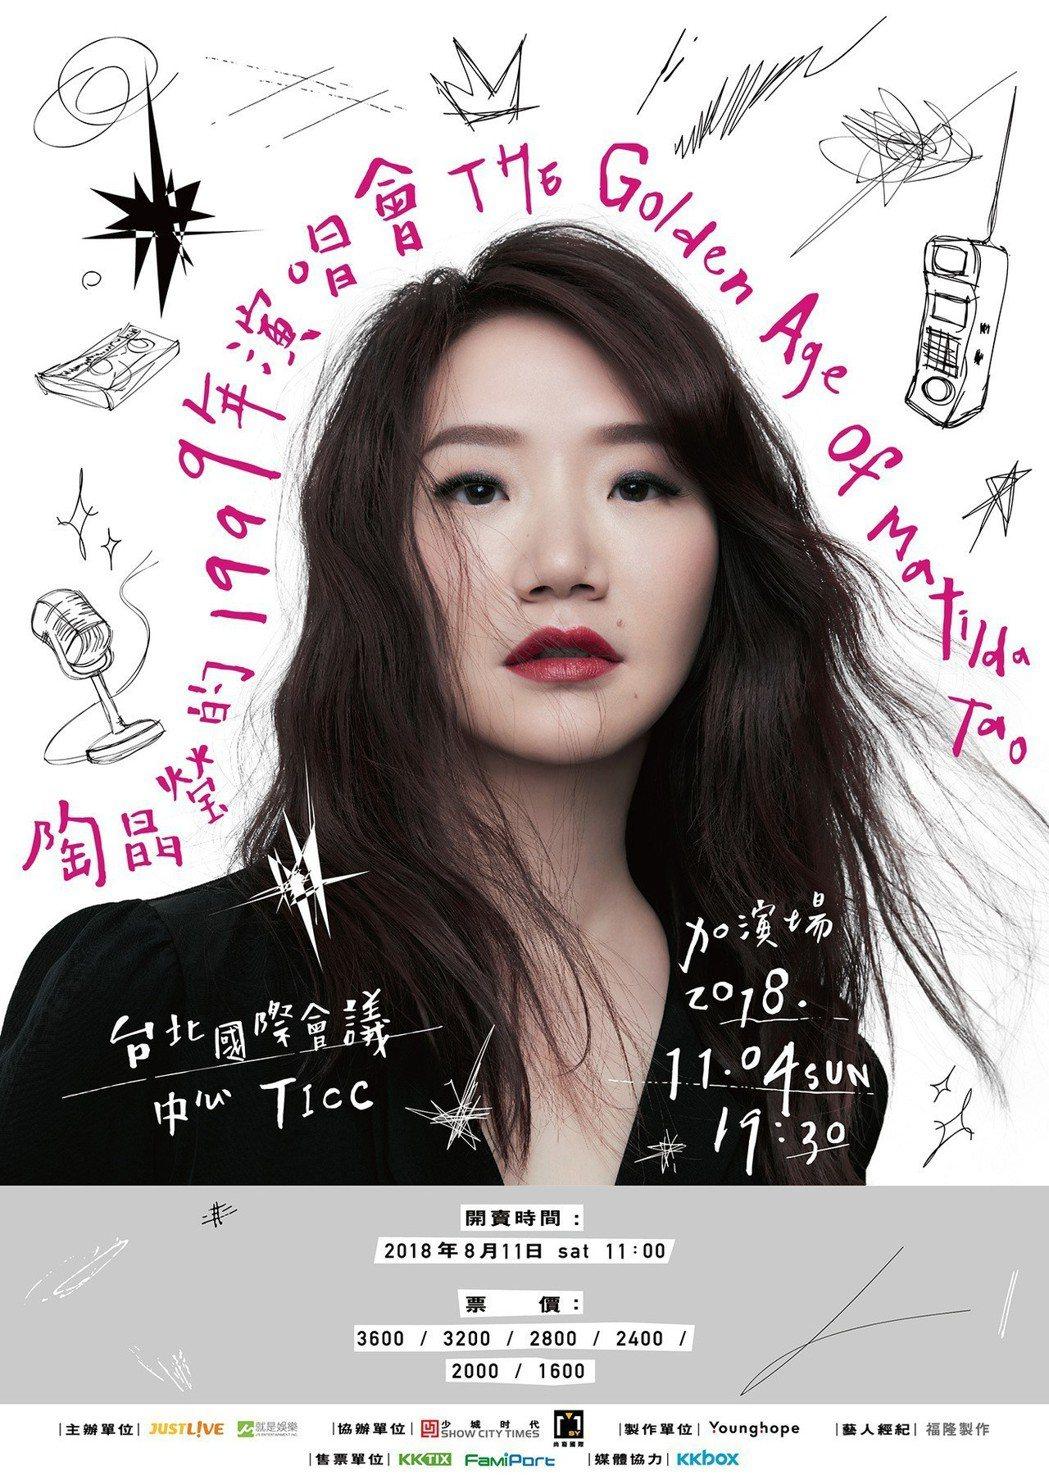 陶晶瑩演唱會加場海報。圖/JUSTLIVE 就是現場提供